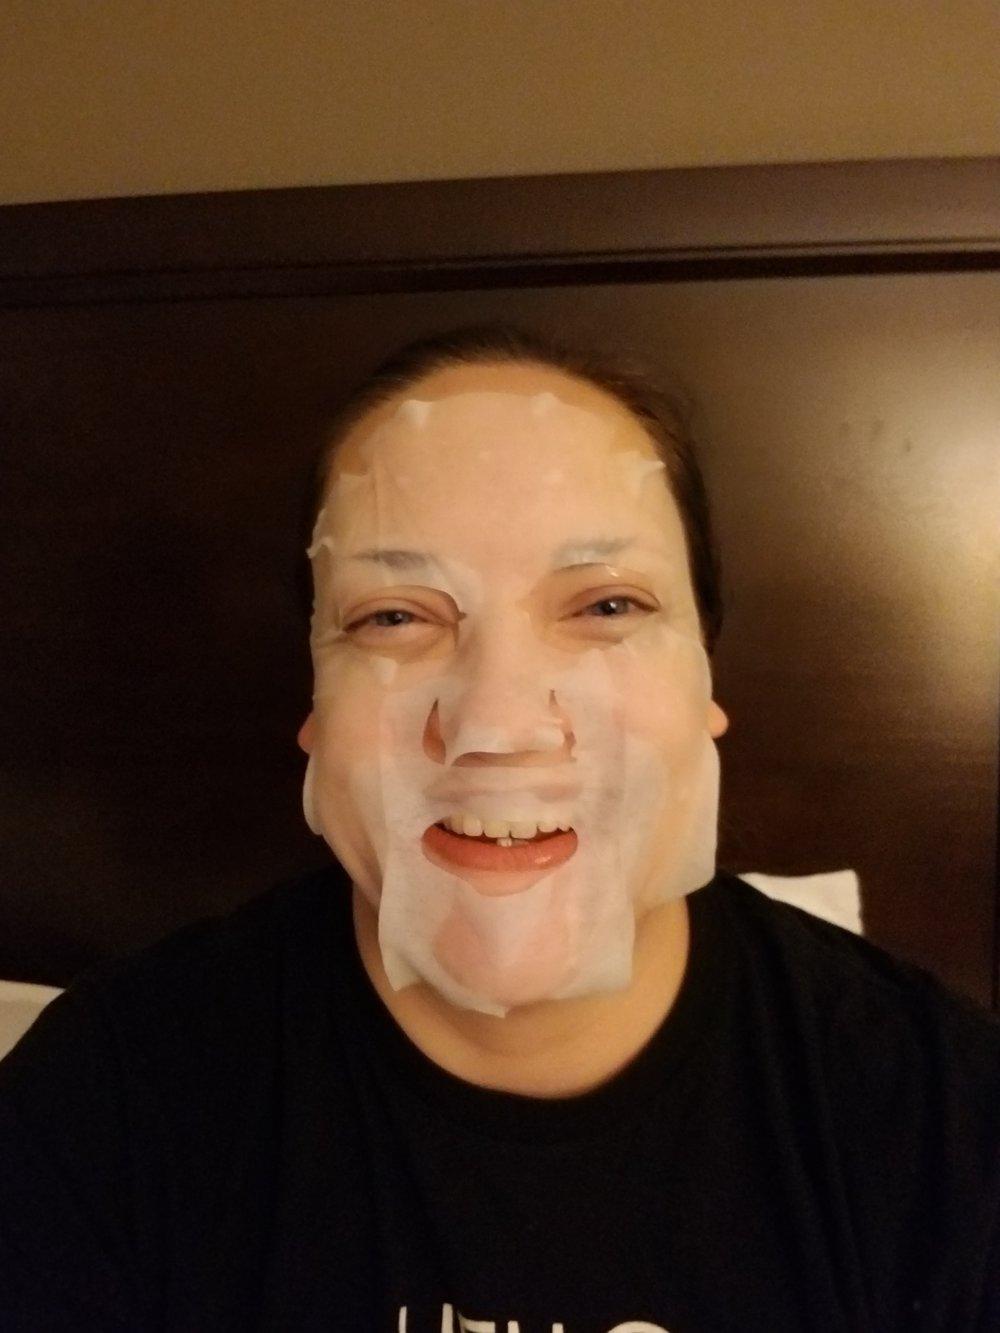 Face Mask Funny.jpg